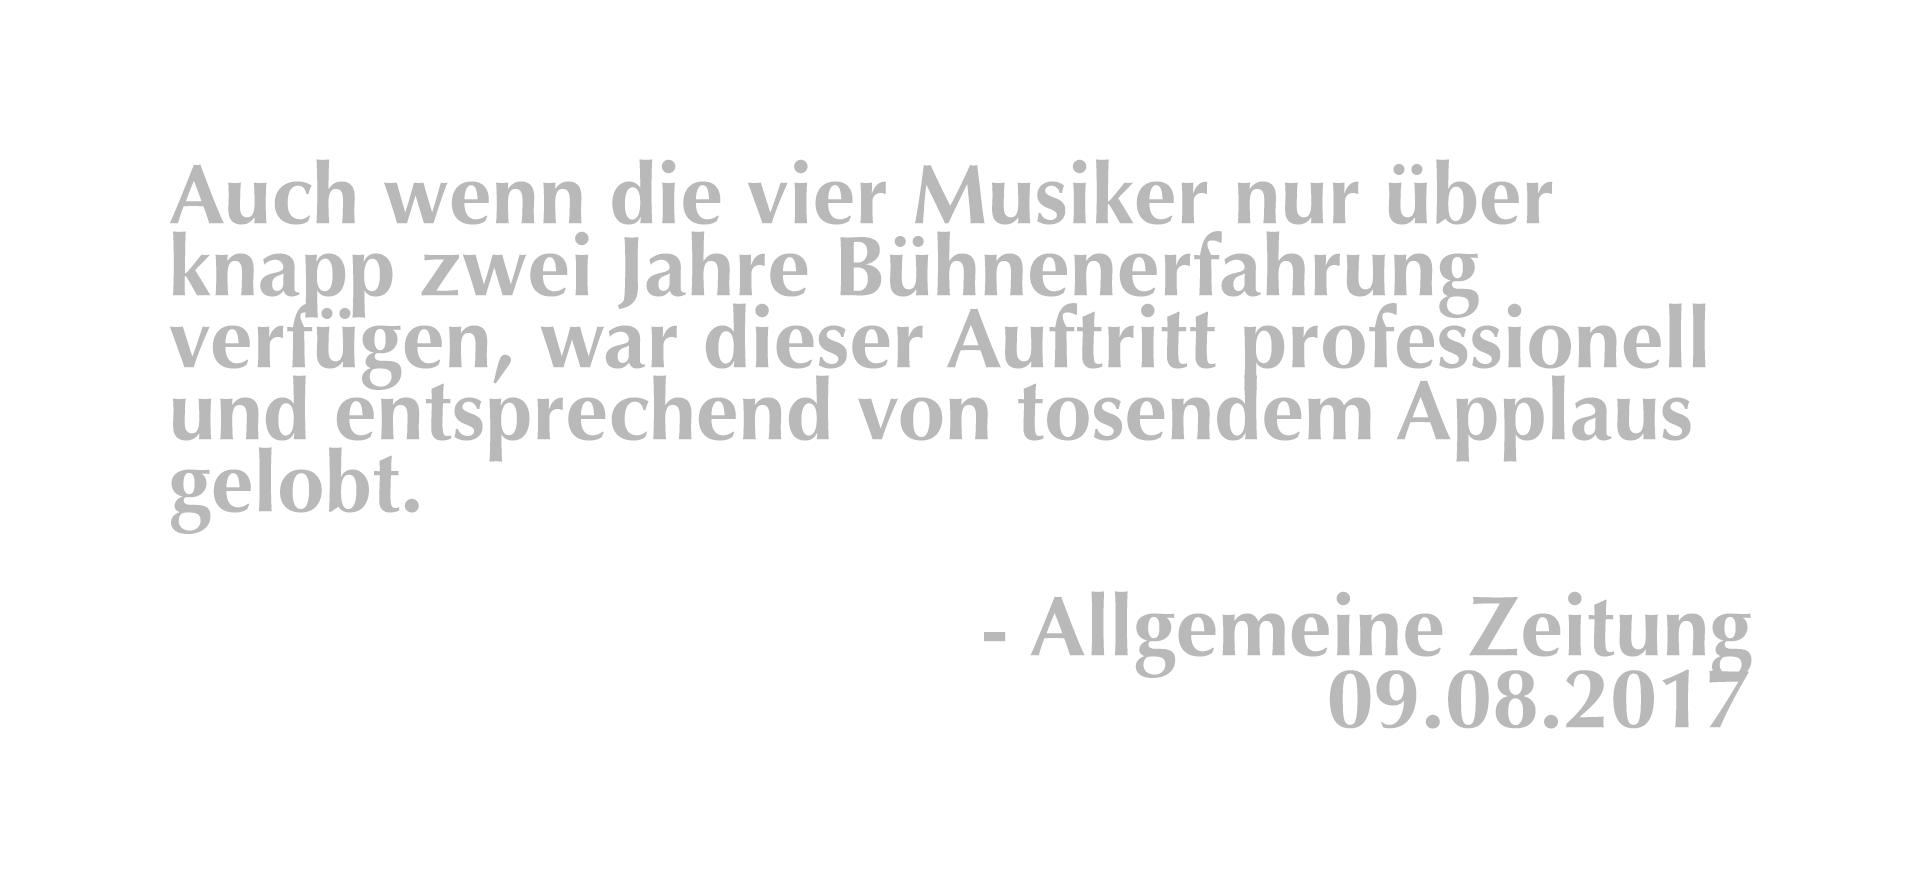 Großzügig Rezeptionistenaufgaben Nehmen Proben Wieder Auf Bilder ...